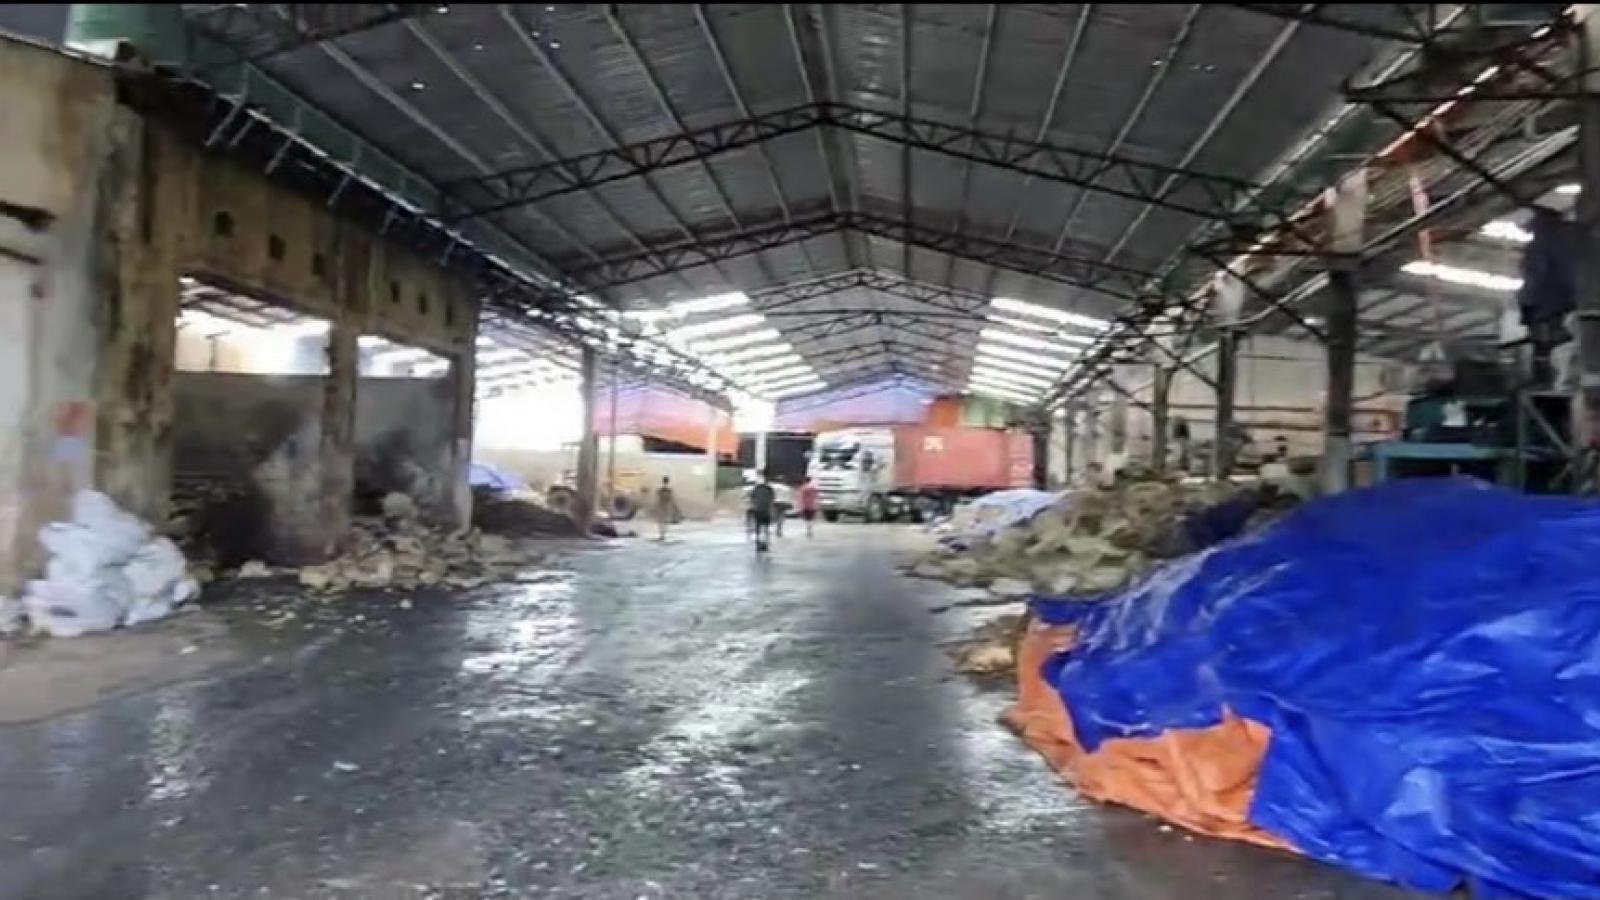 Bà Rịa-Vũng Tàu dừng hoạt động nhà máy cao su vi phạm quy định phòng chống dịch